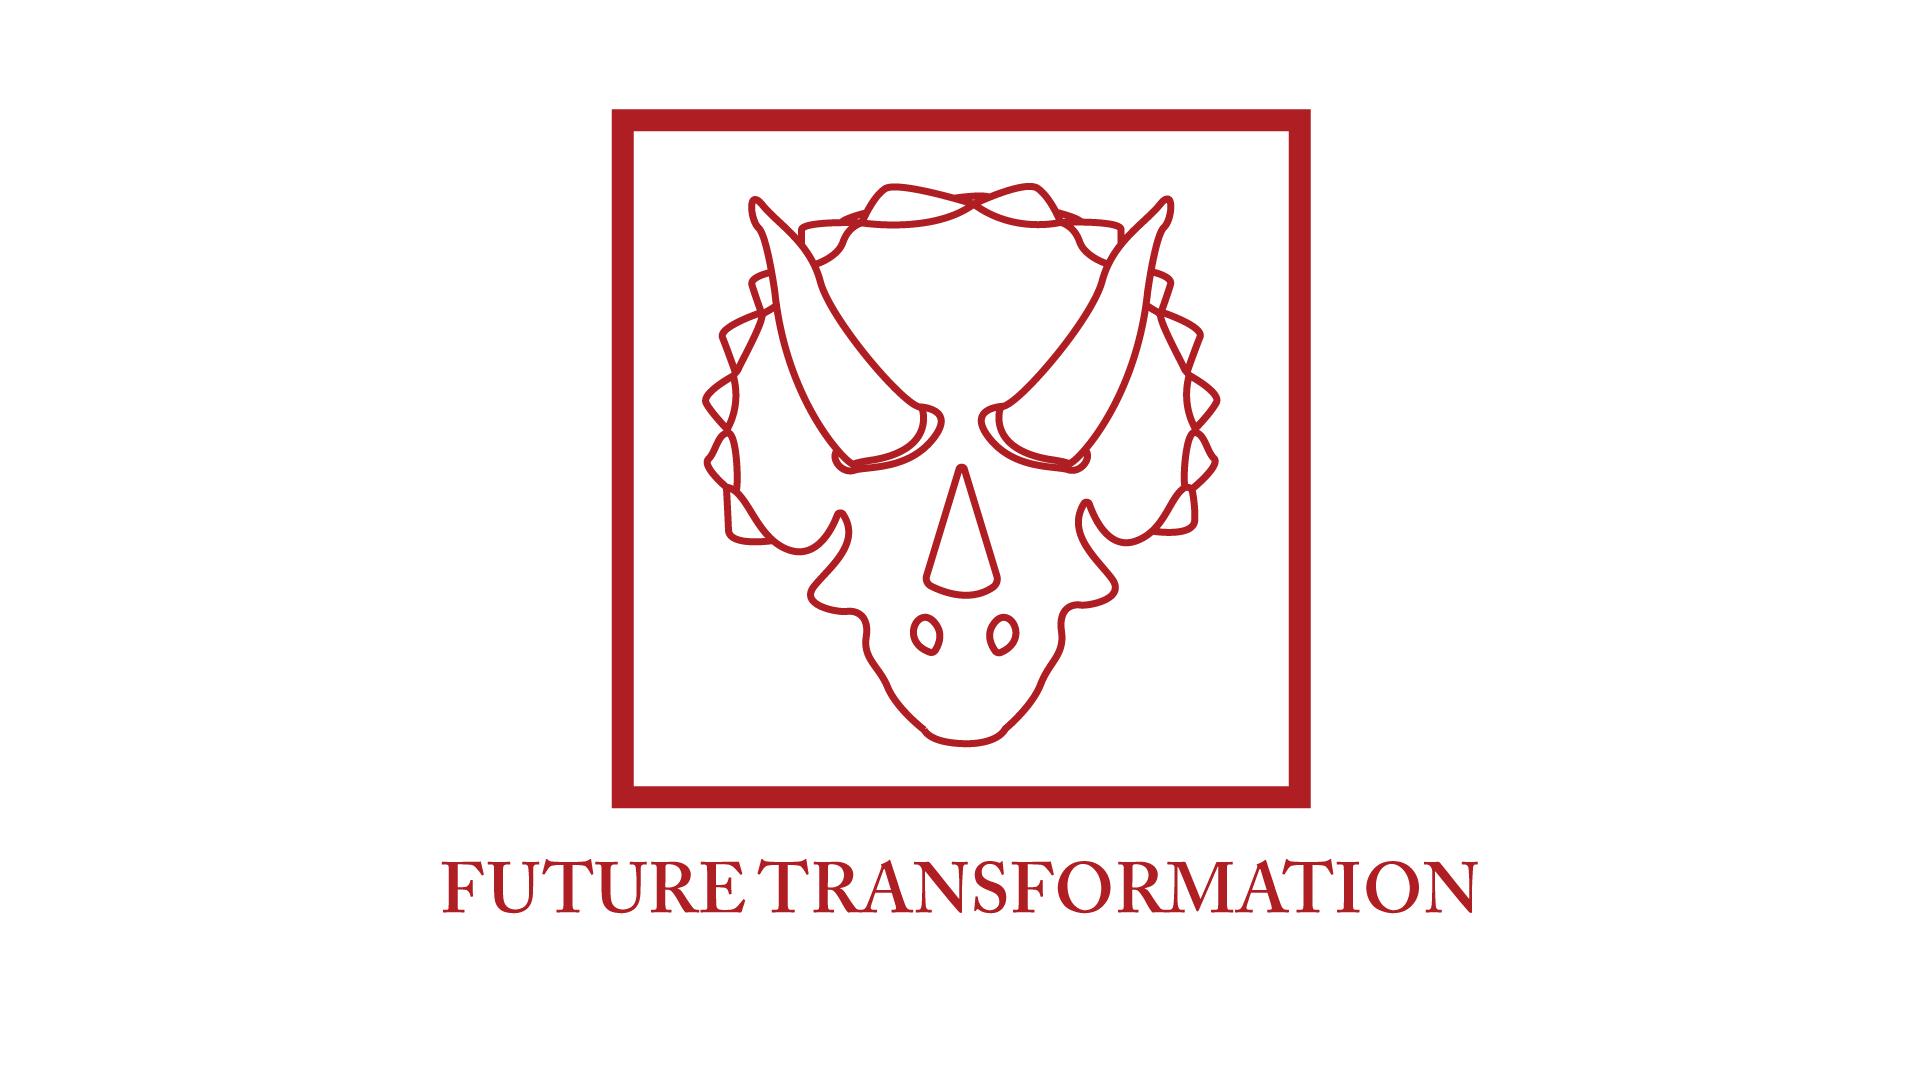 Future Transformation